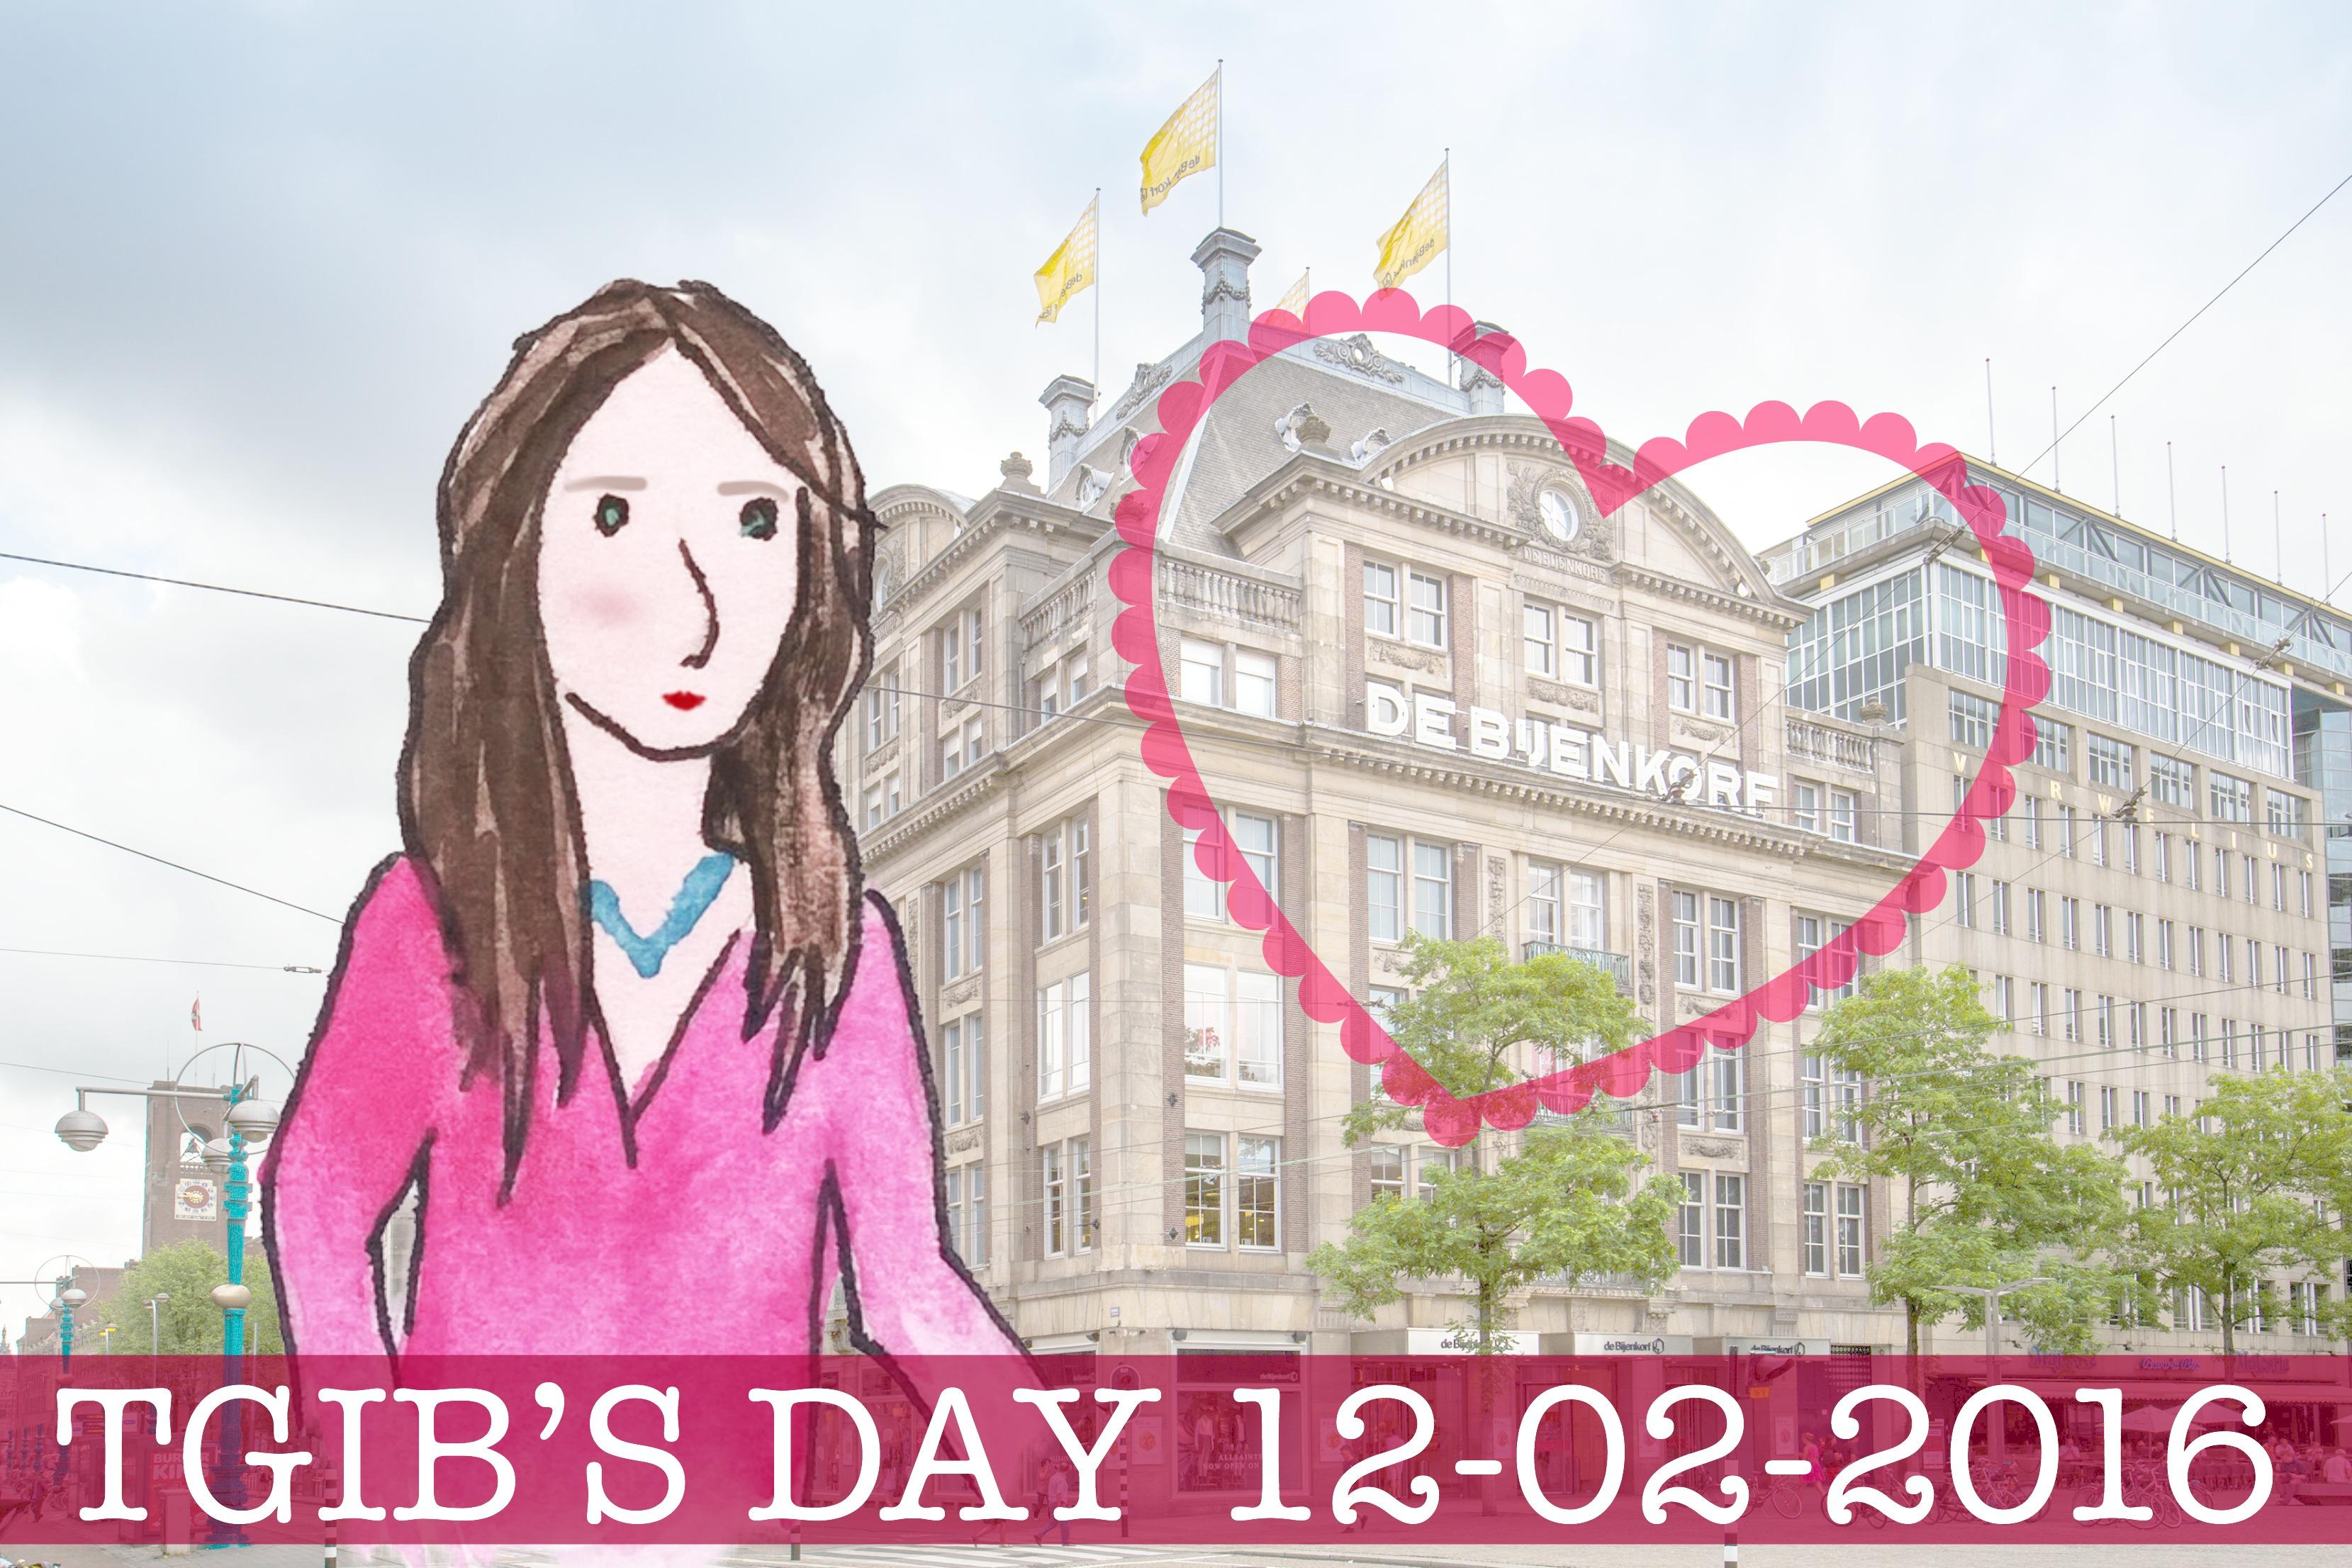 TGIB'S DAY 12-02-2016 bijenkorf